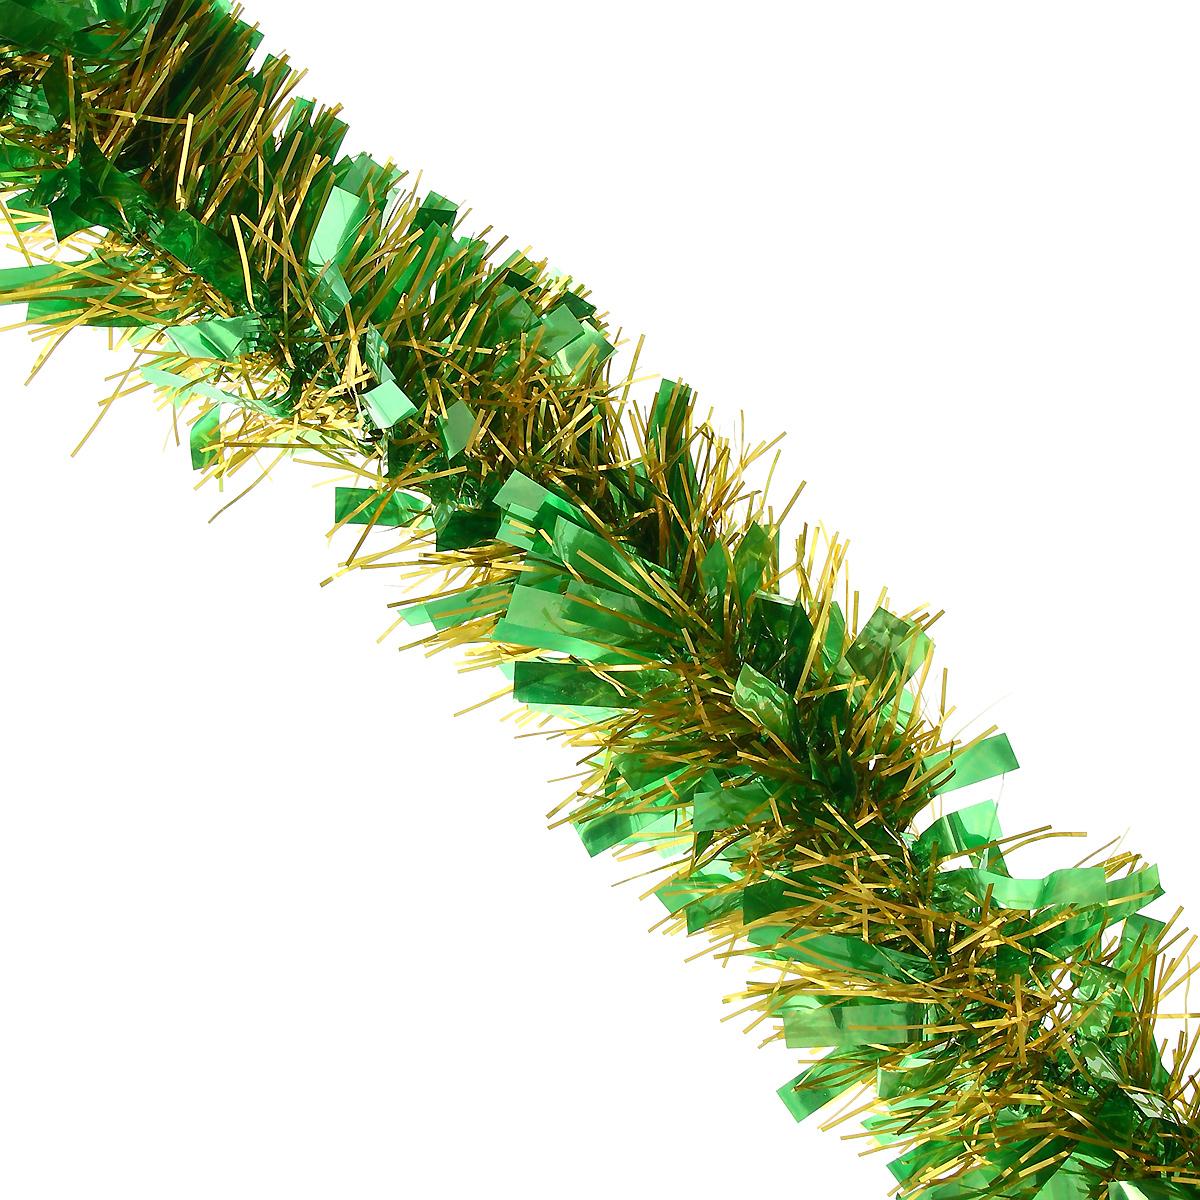 Мишура новогодняя Magic Time, диаметр 9 см, длина 200 см, цвет: зеленый, желтый. 2696626966Новогодняя мишура Magic Time, выполненная из ПЭТ (Полиэтилентерефталат), поможет вам украсить свой дом к предстоящим праздникам. Изделие выполнено в виде скрученной косички. Новогодняя елка с таким украшением станет еще наряднее. Мишура армирована, то есть имеет проволоку внутри и способна сохранять форму. Новогодней мишурой можно украсить все, что угодно - елку, квартиру, дачу, офис - как внутри, так и снаружи. Можно сложить новогодние поздравления, буквы и цифры, мишурой можно украсить и дополнить гирлянды, можно выделить дверные колонны, оплести дверные проемы. Коллекция декоративных украшений из серии Magic Time принесет в ваш дом ни с чем несравнимое ощущение волшебства! Создайте в своем доме атмосферу тепла, веселья и радости, украшая его всей семьей.